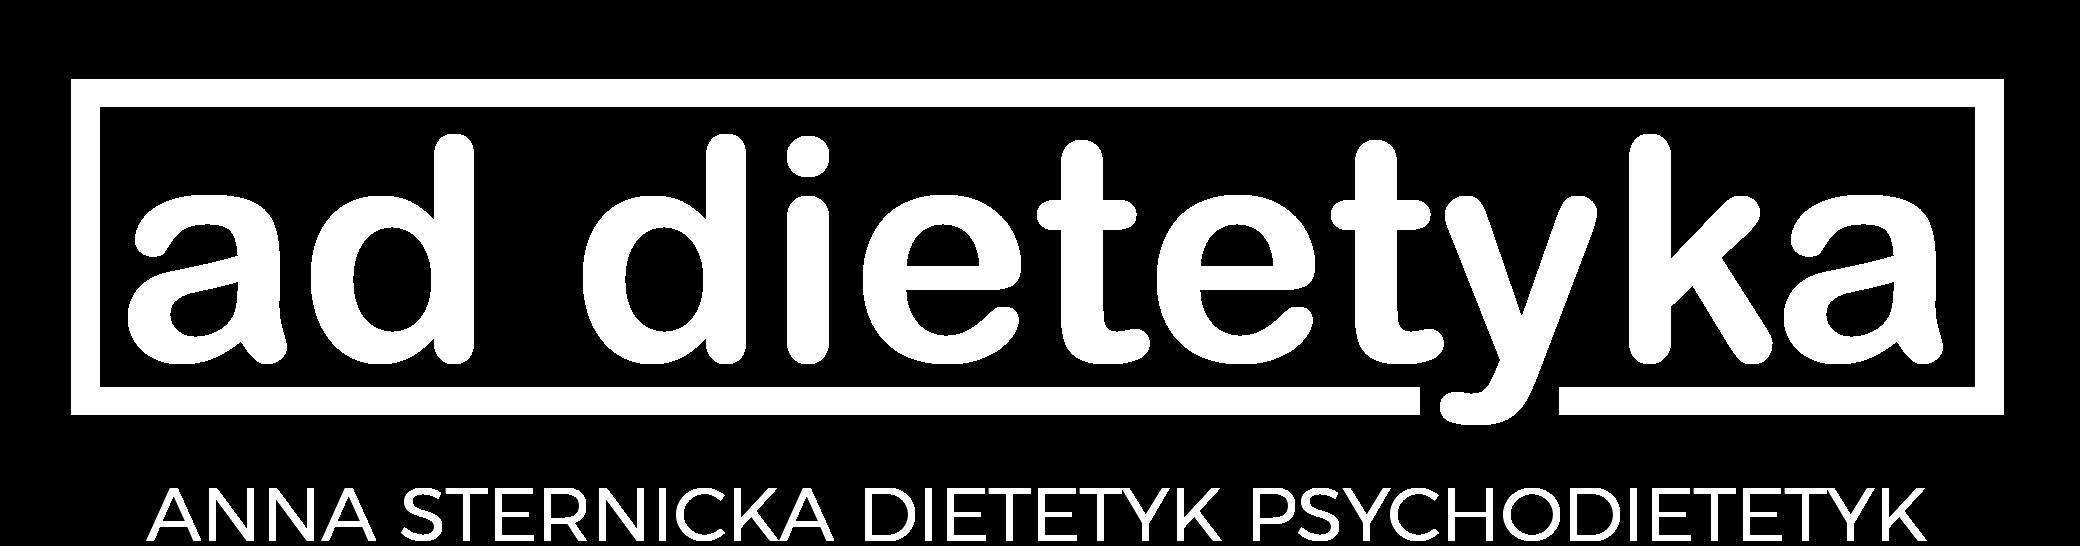 addietetyka.pl